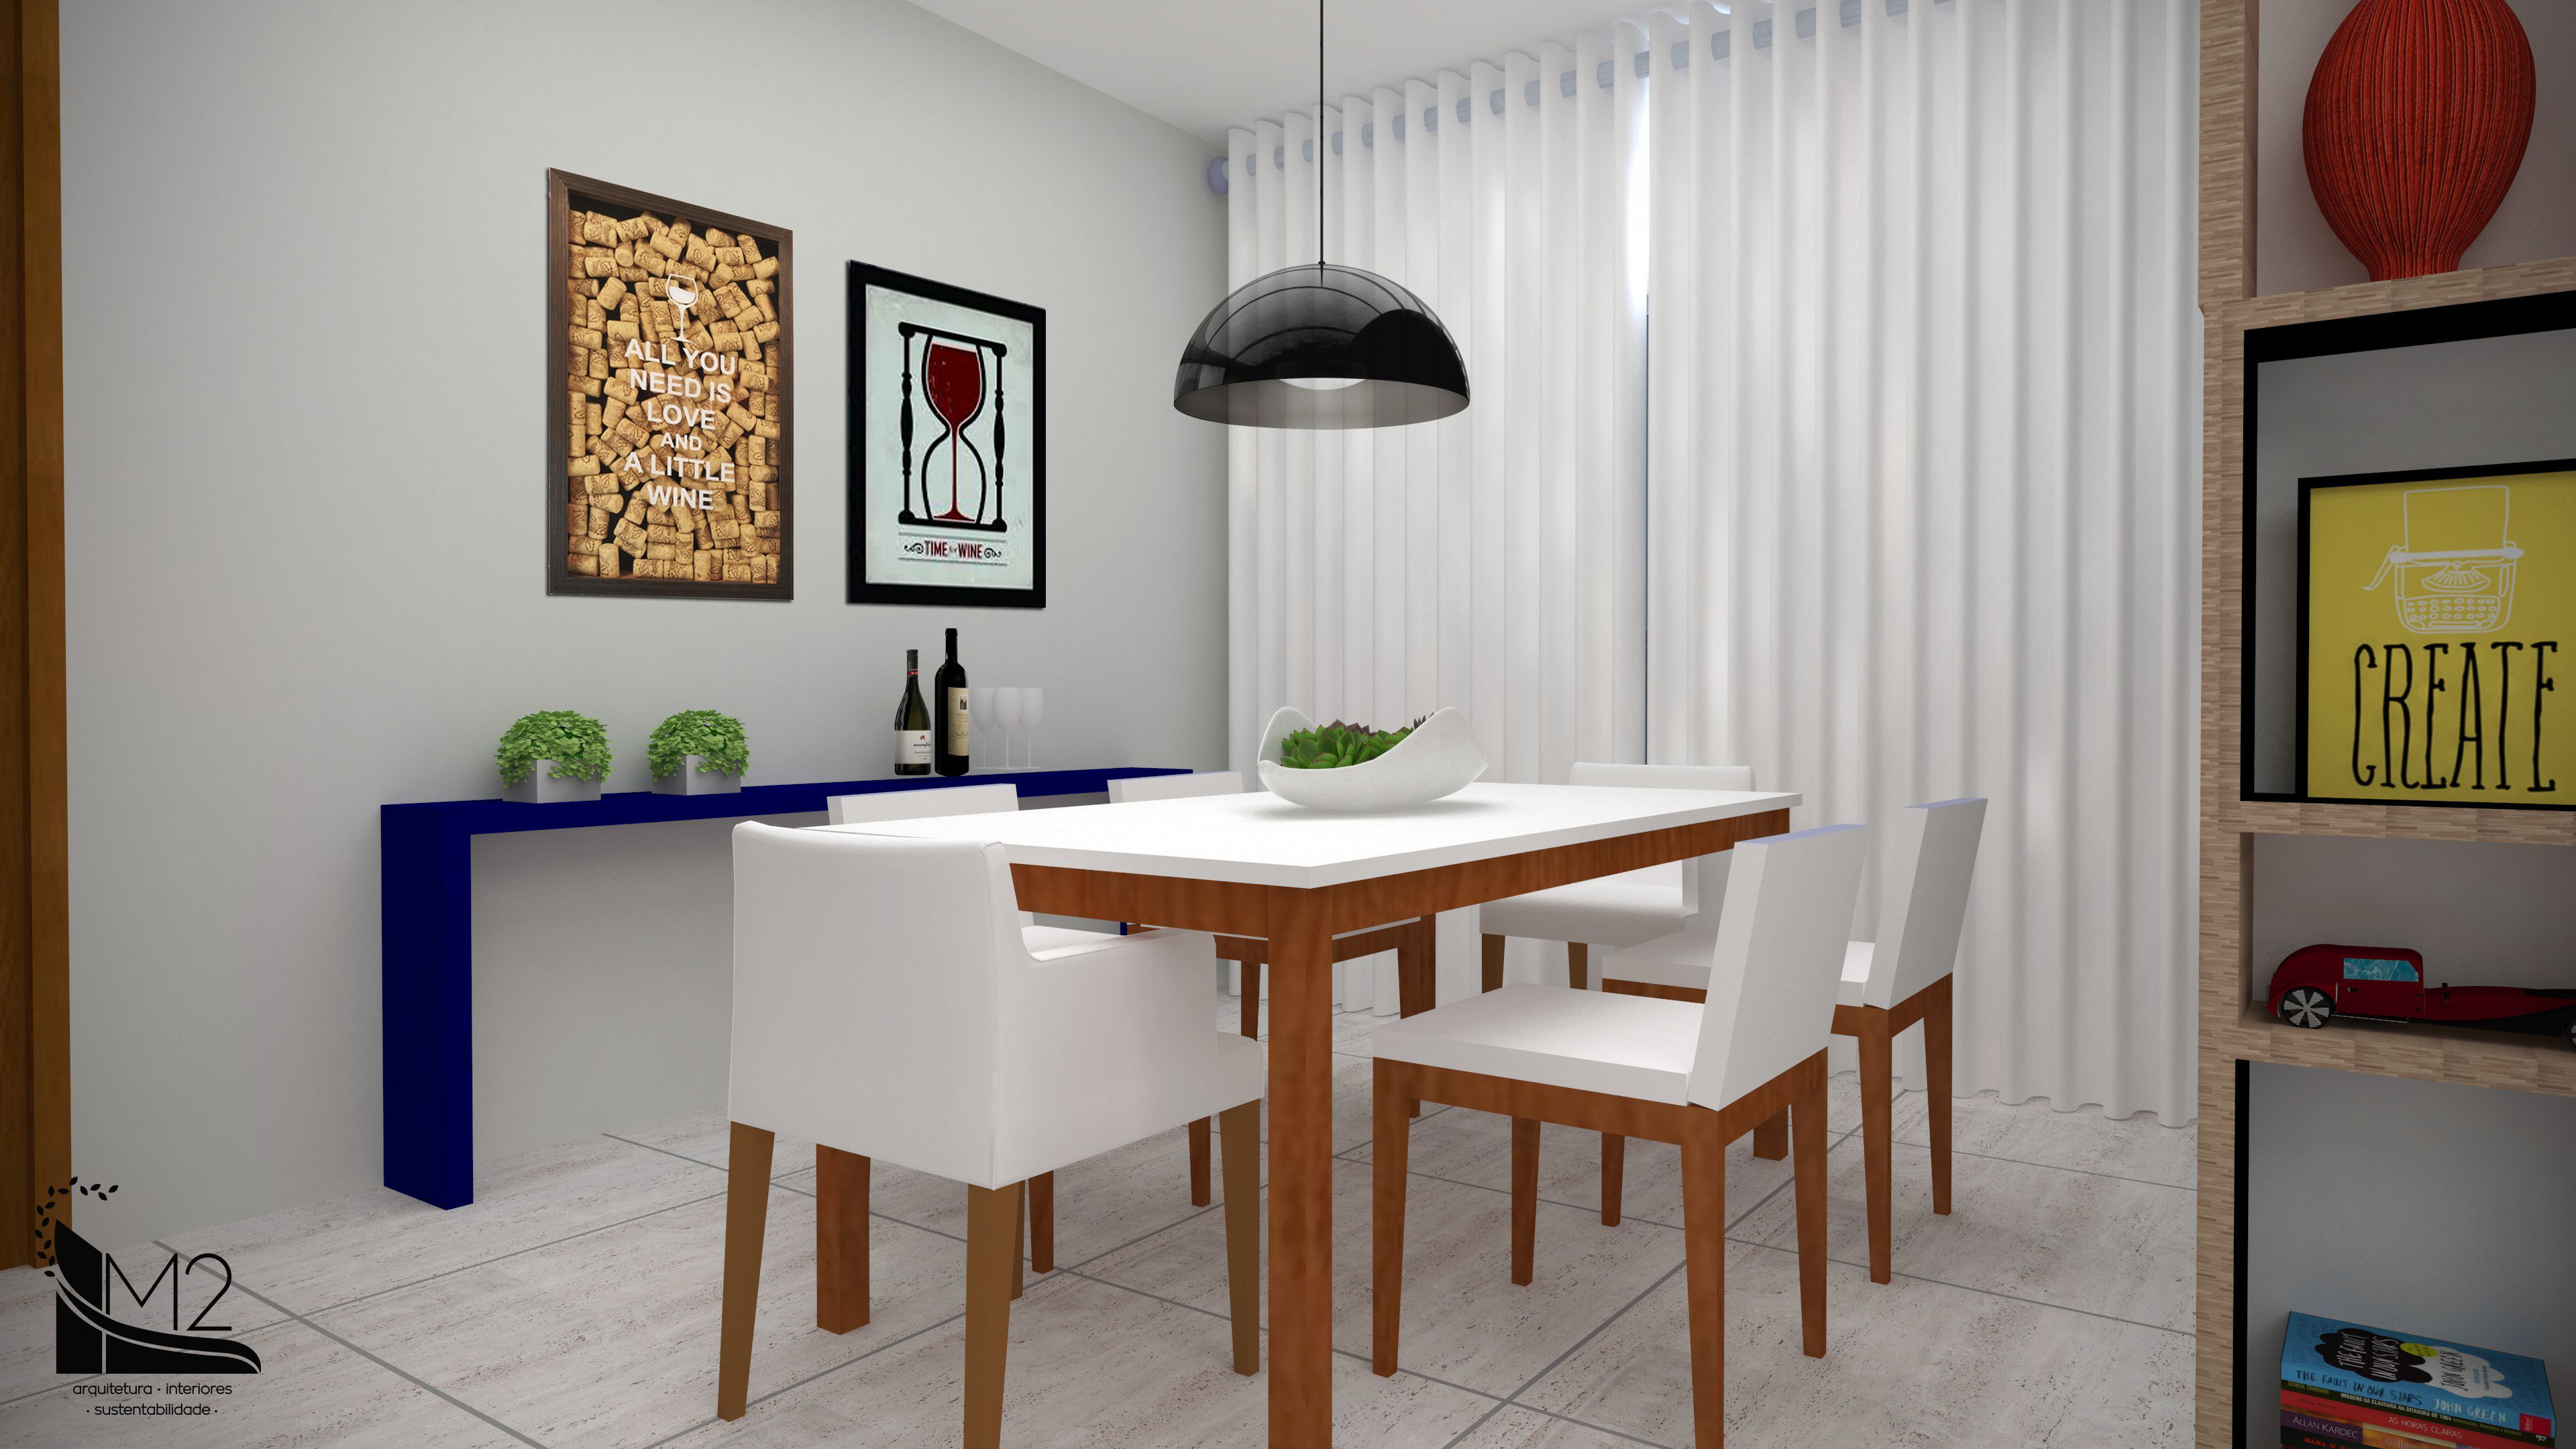 Sala De Jantar Minimalista A Decora O Valoriza Os Adornos Atrav S  -> Decoracao Sala De Jantar Azul